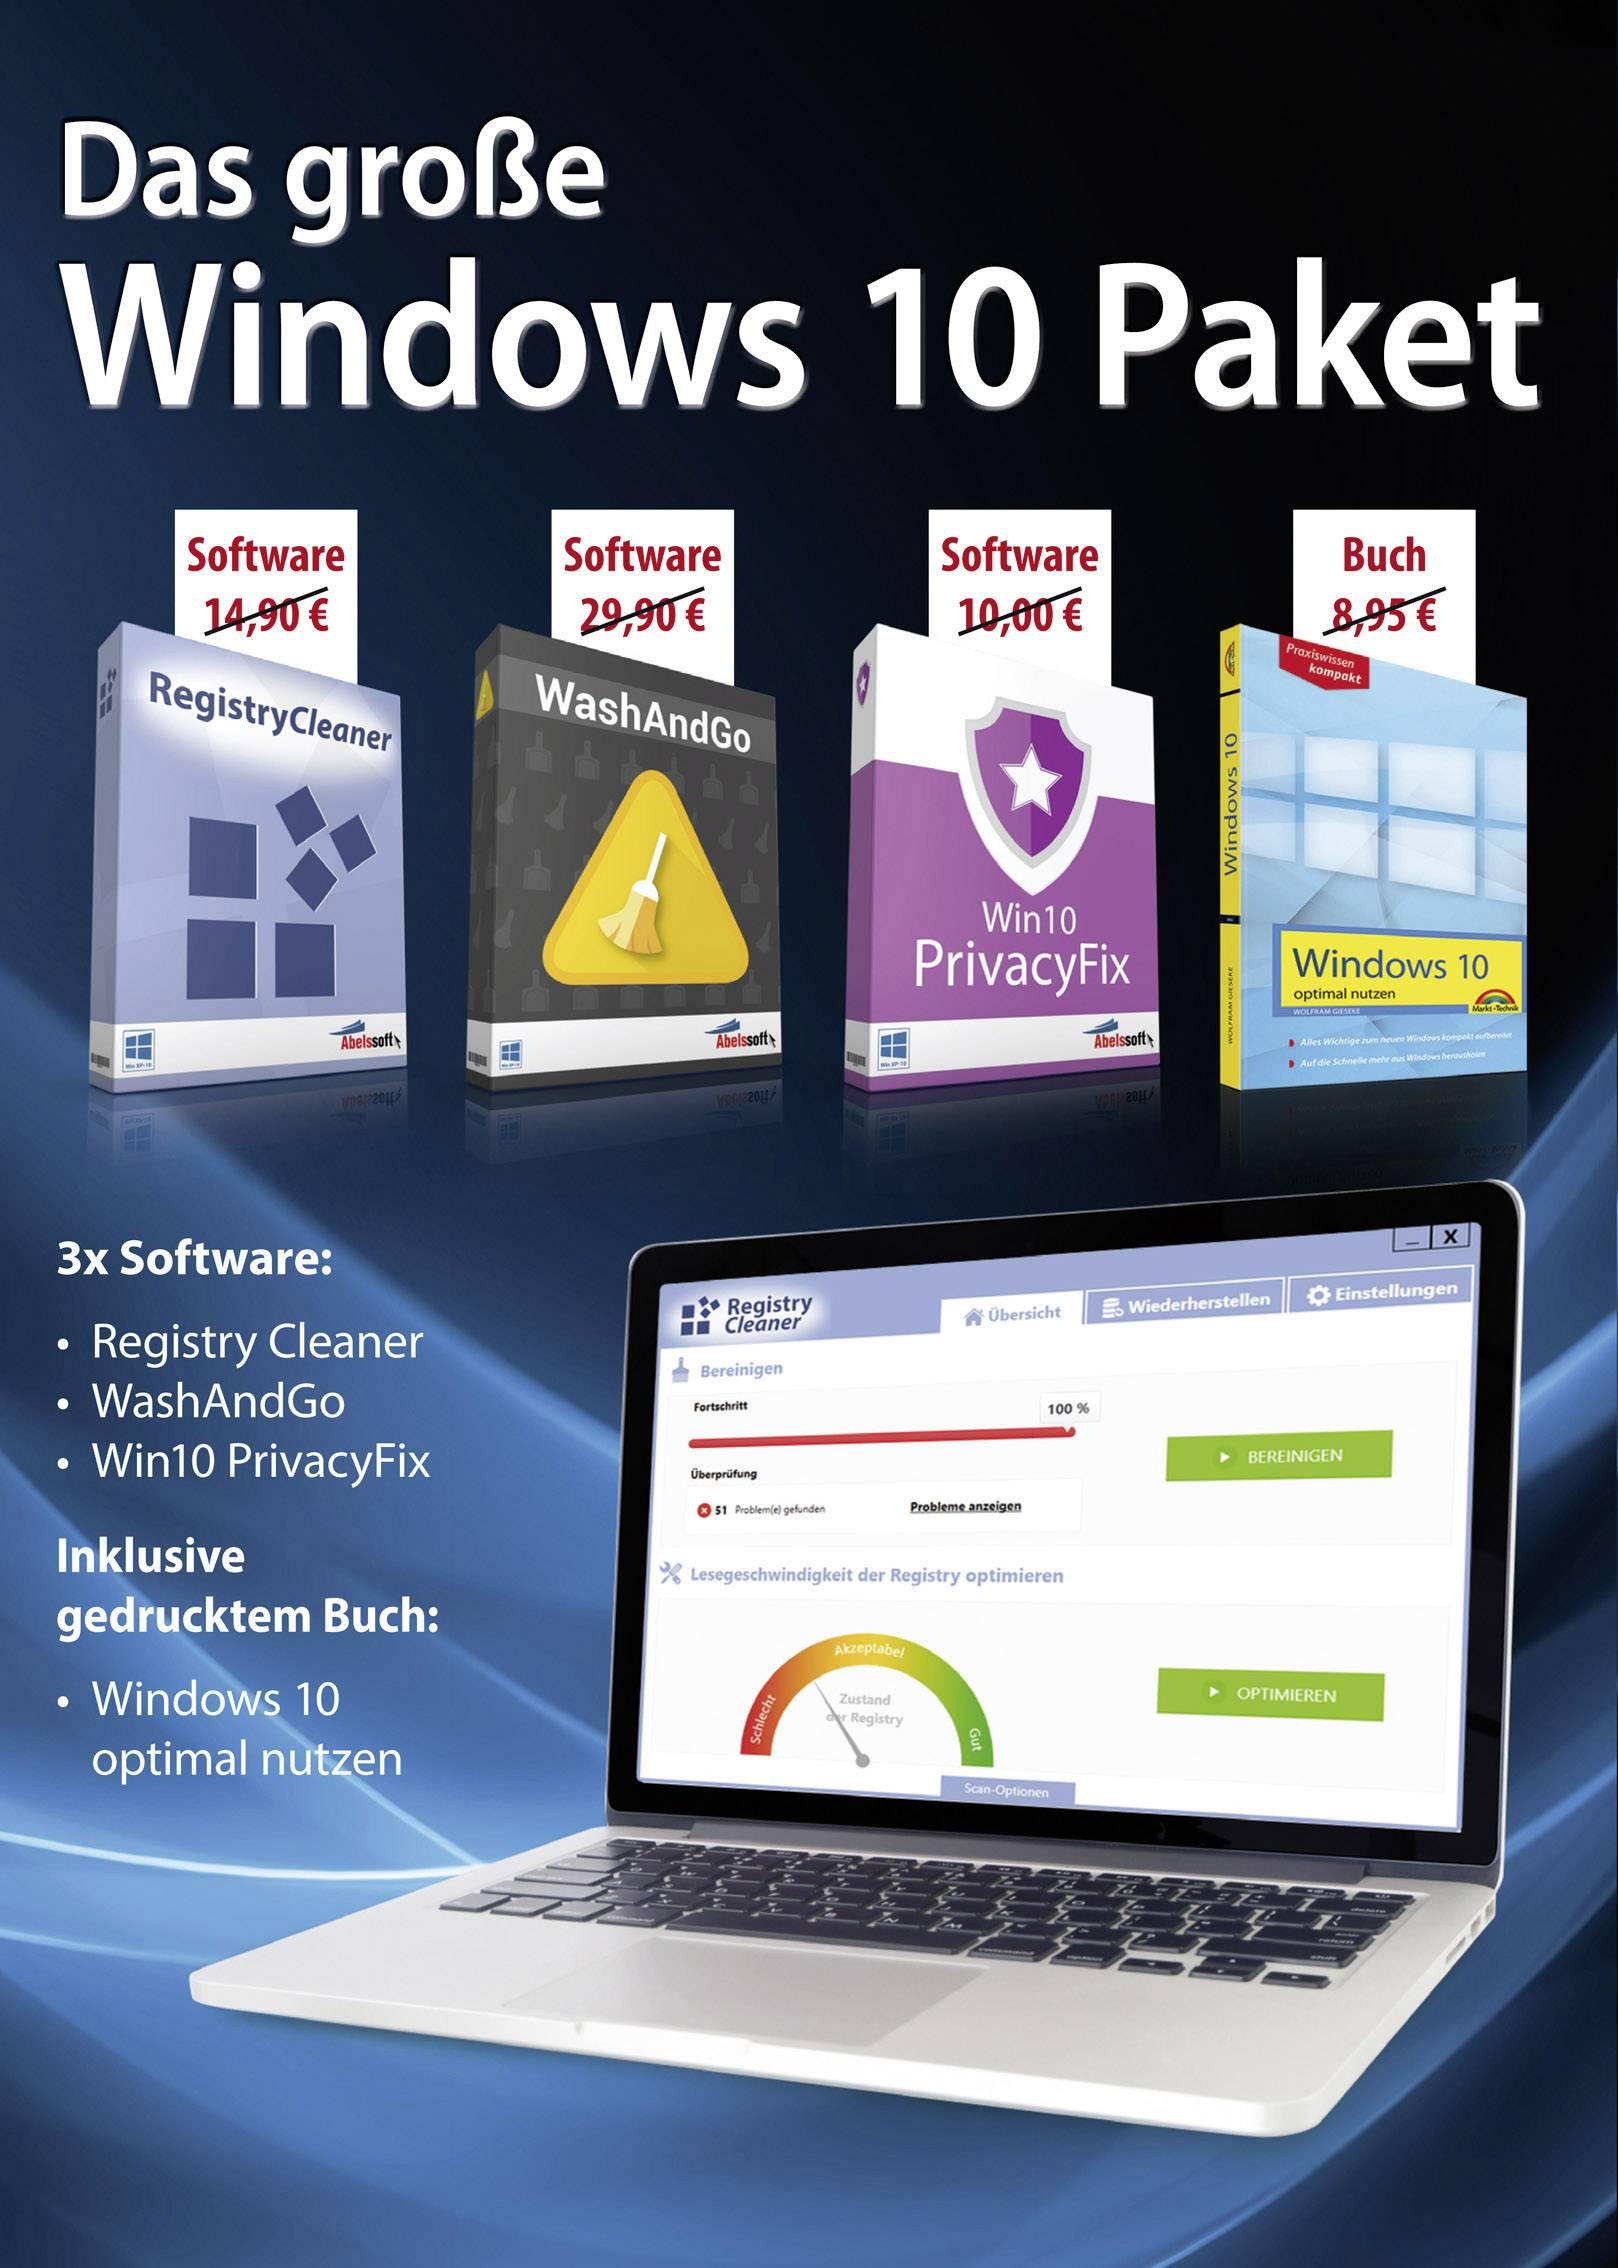 Das große Windows 10 Paket Full version, 1 license Windows Software